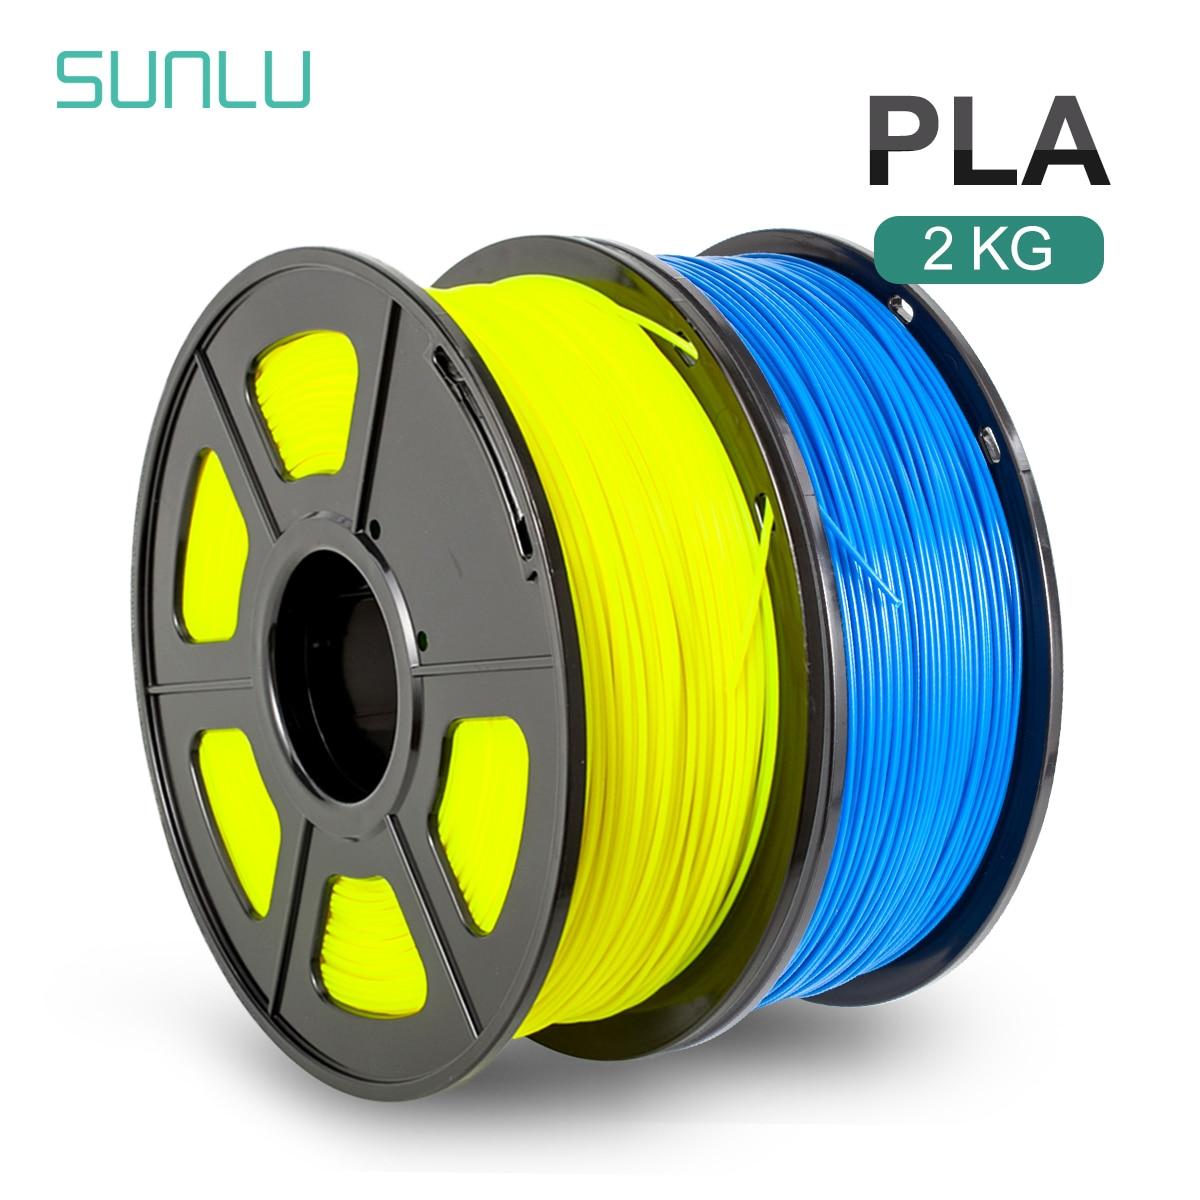 Нить PLA PLUS SUNLU, 1,75 мм, 1 кг, материал для 3d-печати, многоцветная нить PLA для 3d ручки, экологически чистый материал, безопасный для детей